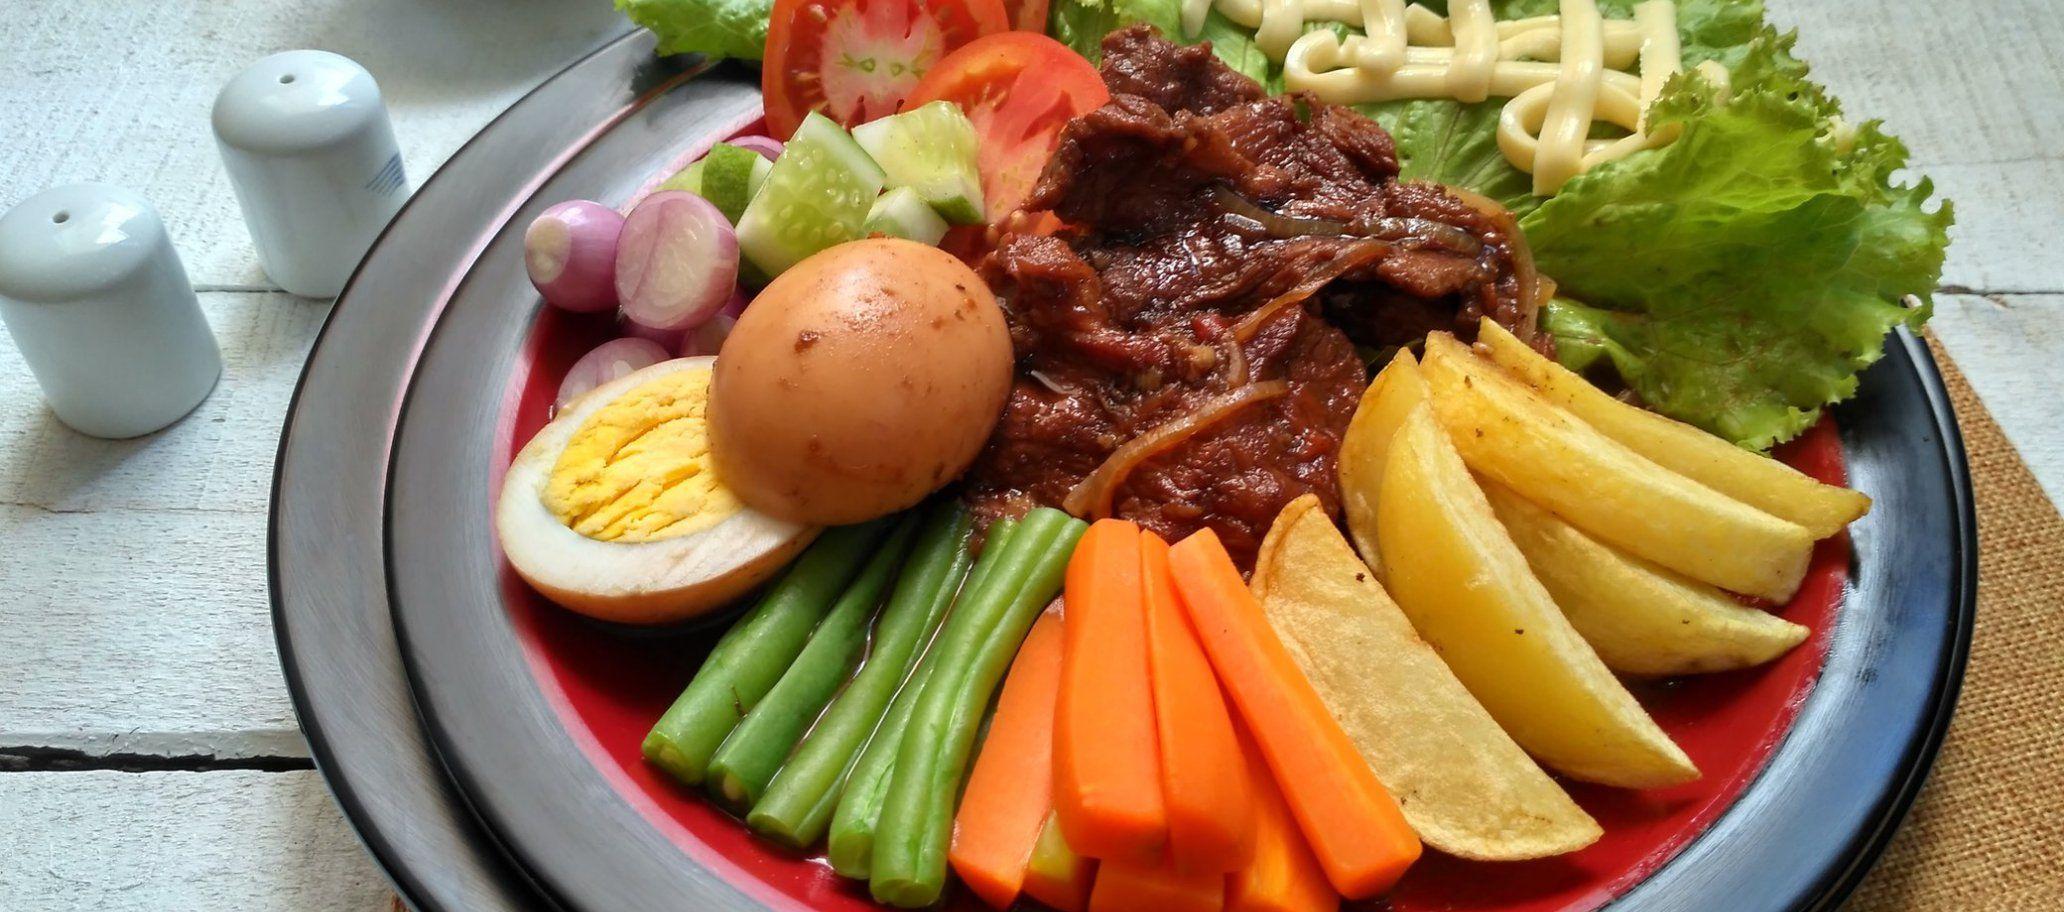 Selat Solo Lengkap Klasik Istimewa Resep Resepkoki Resep Resep Makanan Sehat Resep Makanan